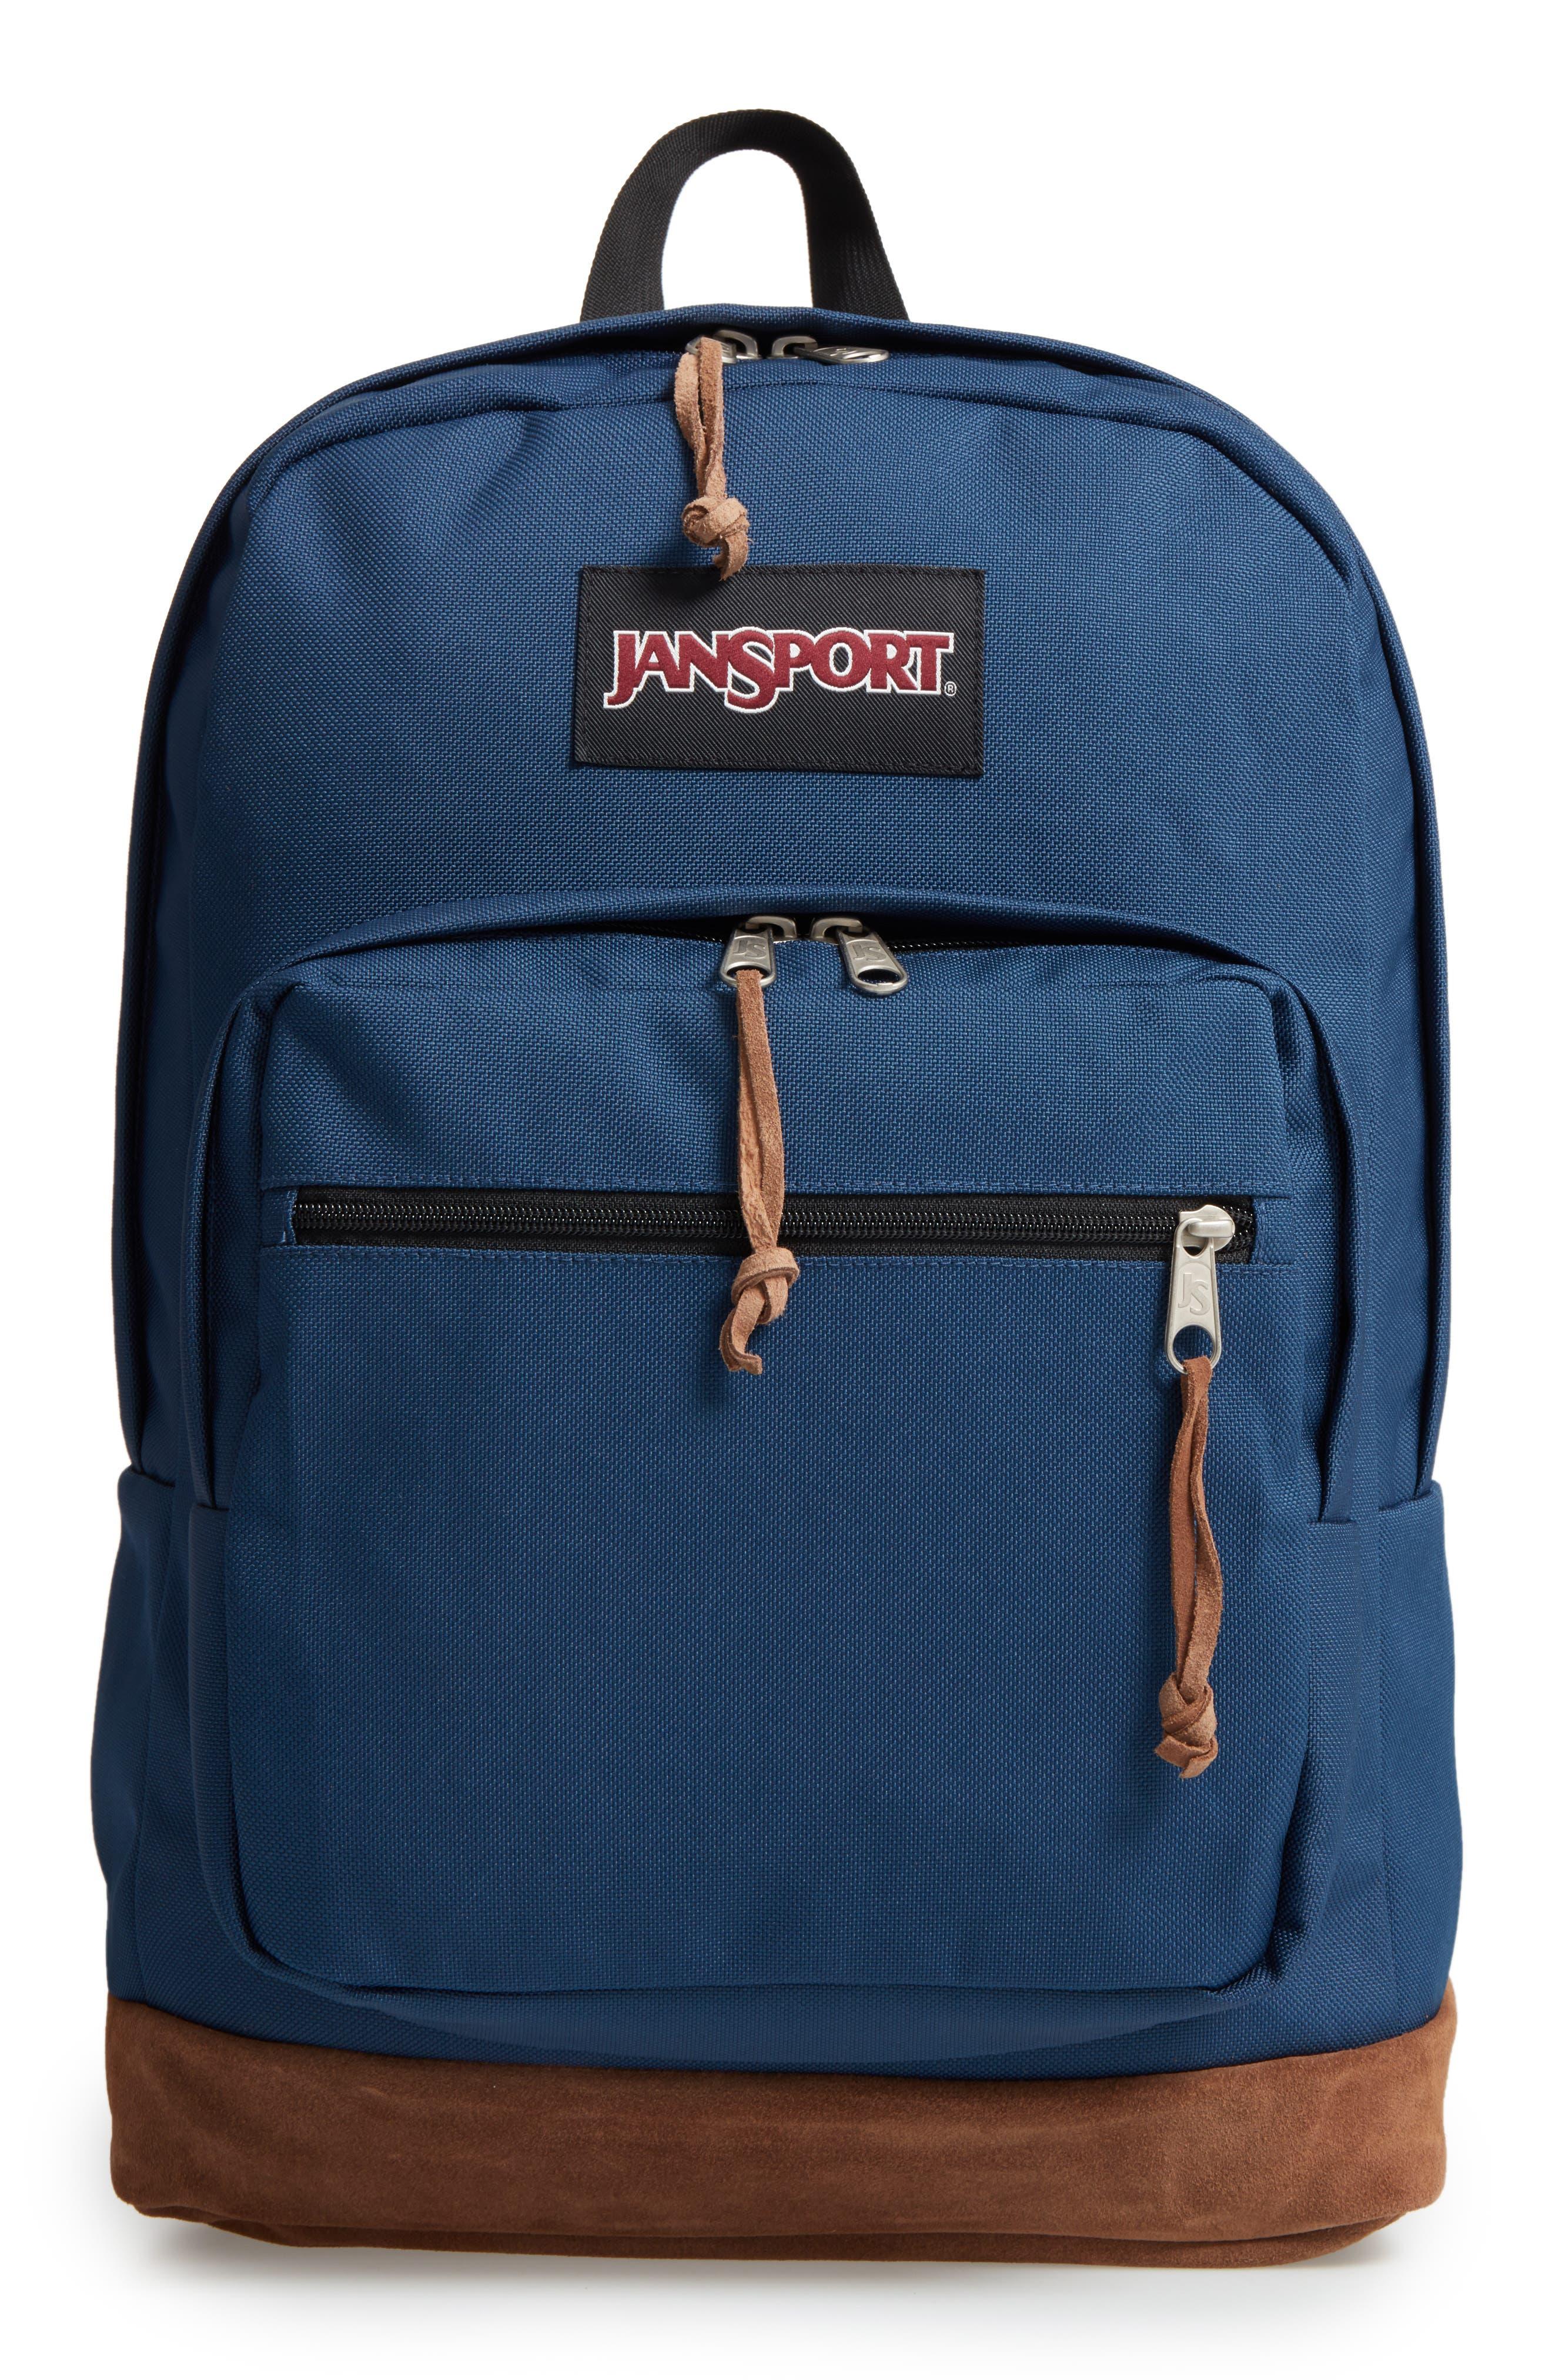 3861a0bd6d2 Size Of A Regular Jansport Backpack